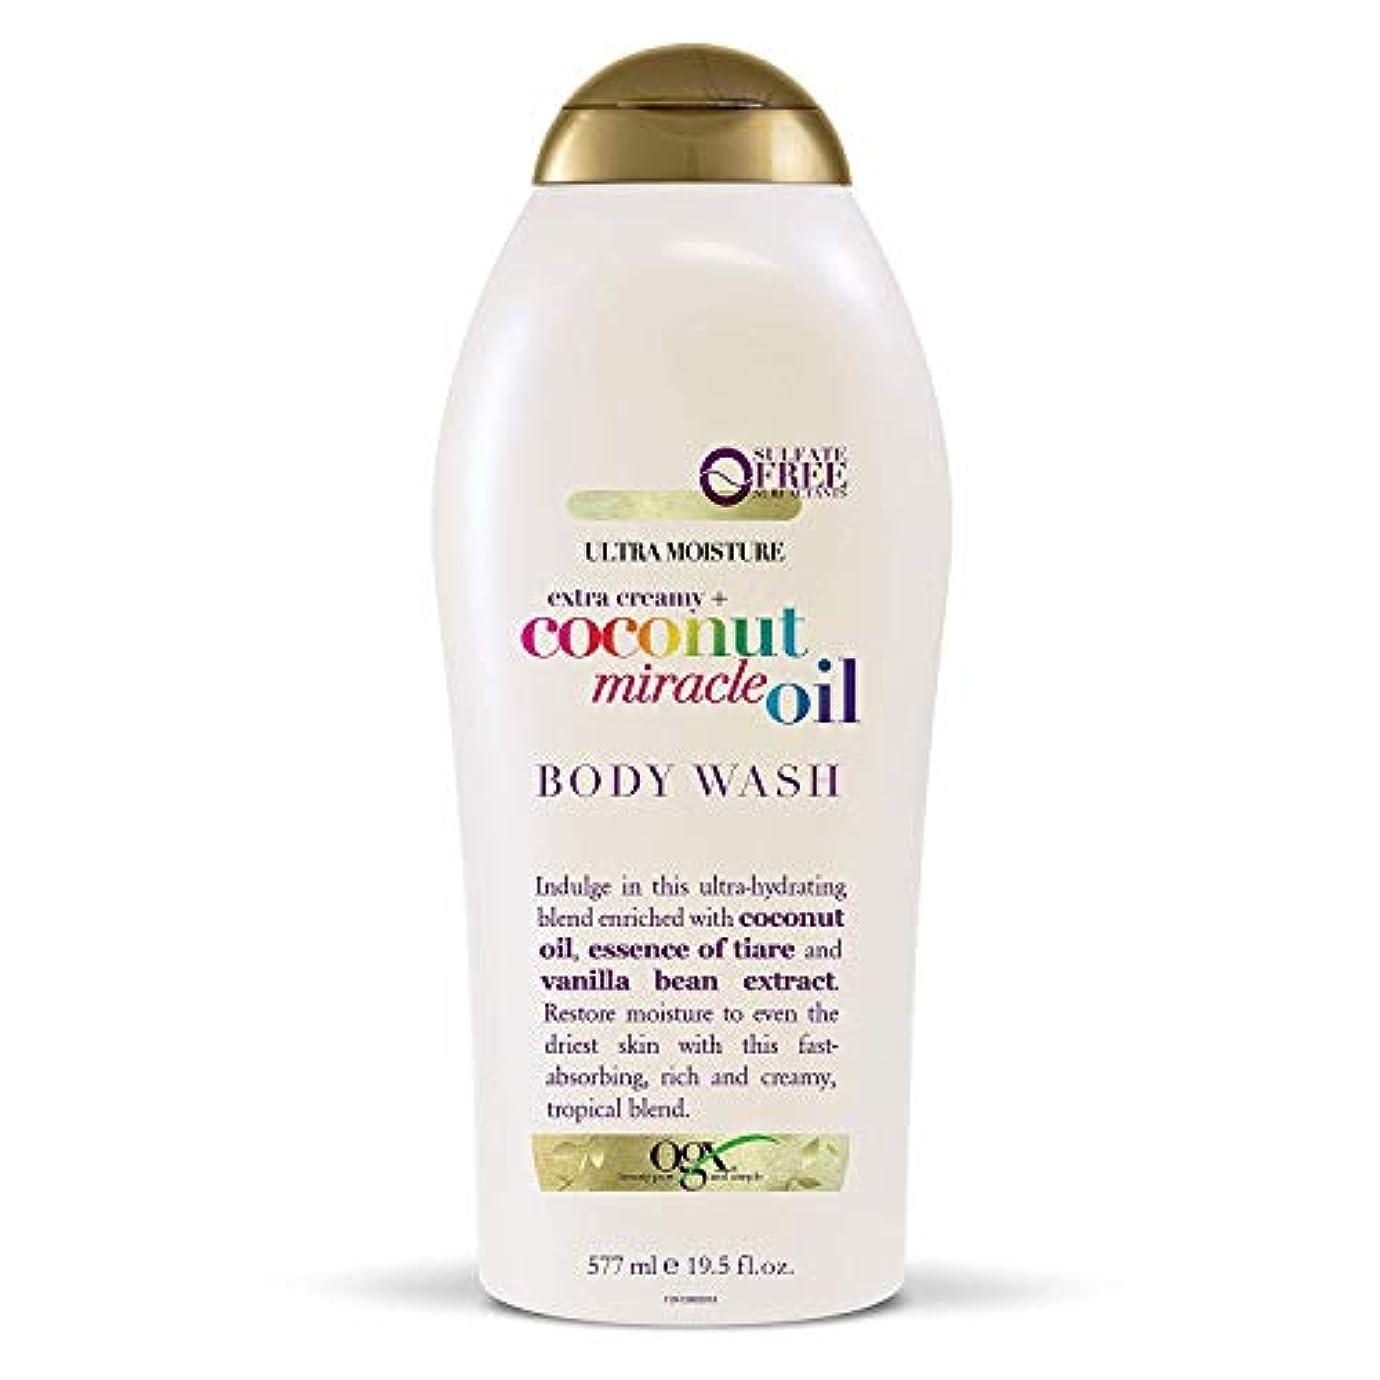 飛躍セメントほうきOgx Body Wash Coconut Miracle Oil Extra Strength 19.5oz OGX ココナッツミラクルオイル エクストラストレングス ボディウォッシュ 577ml [並行輸入品]